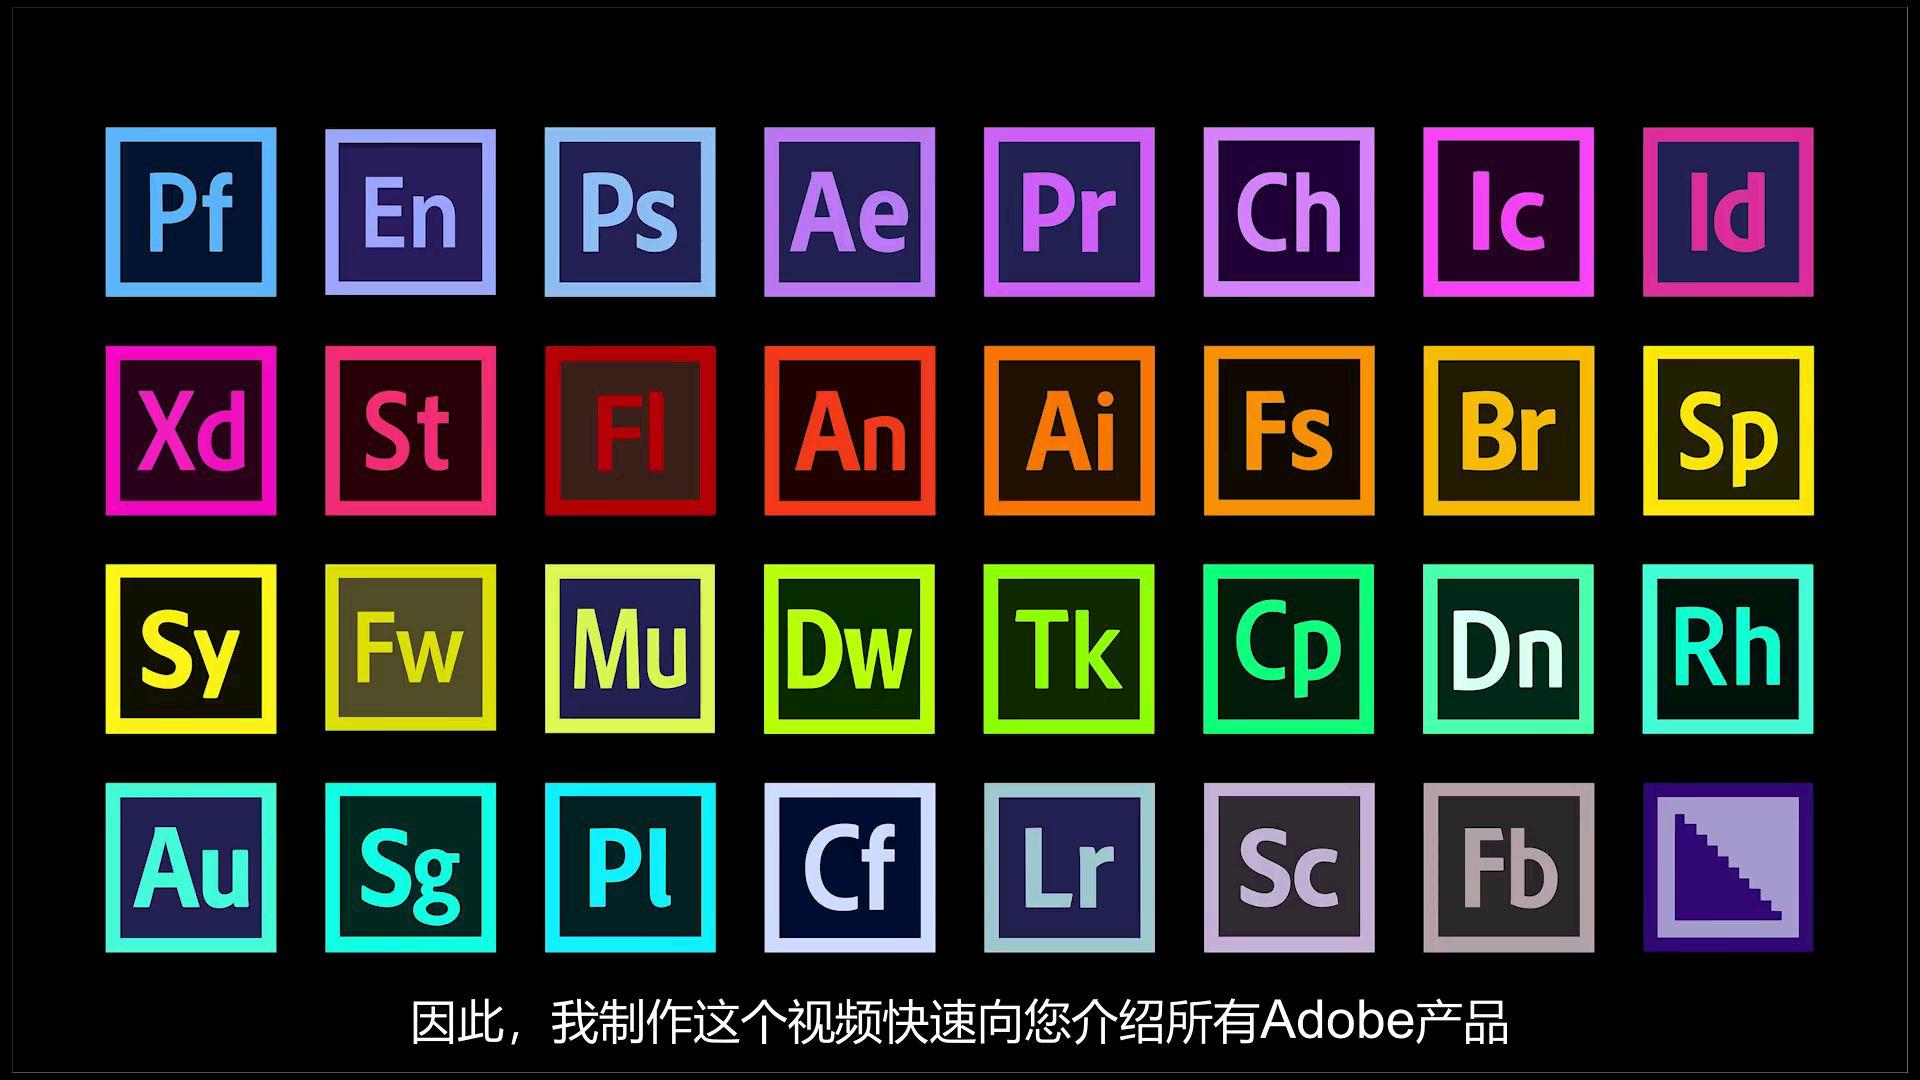 比Adobe官网还细致「50种软件指南「10分钟快速了解Adobe家族!」